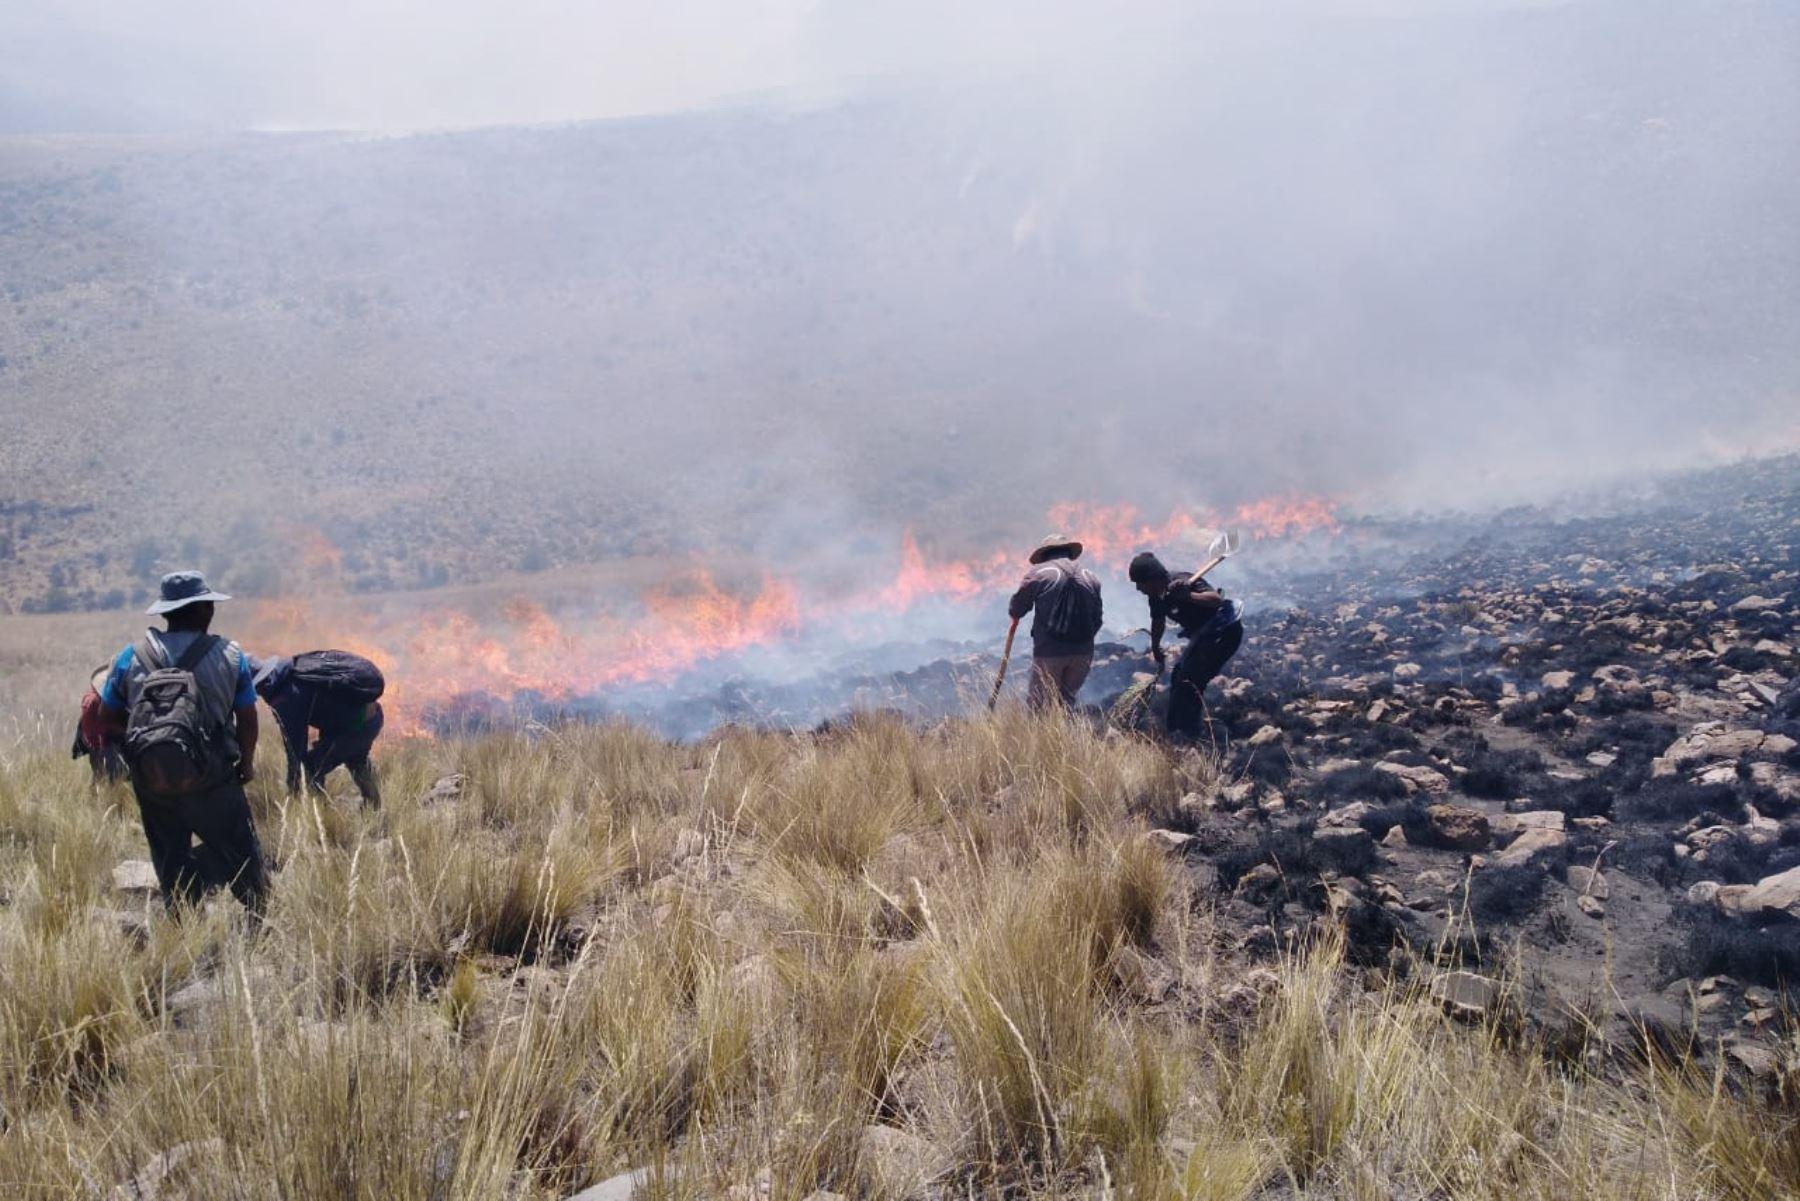 En la región Arequipa se han registrado 20 incendios forestales en lo que va del año y en su mayoría fueron provocados por los agricultores. Foto: ANDINA/Difusión